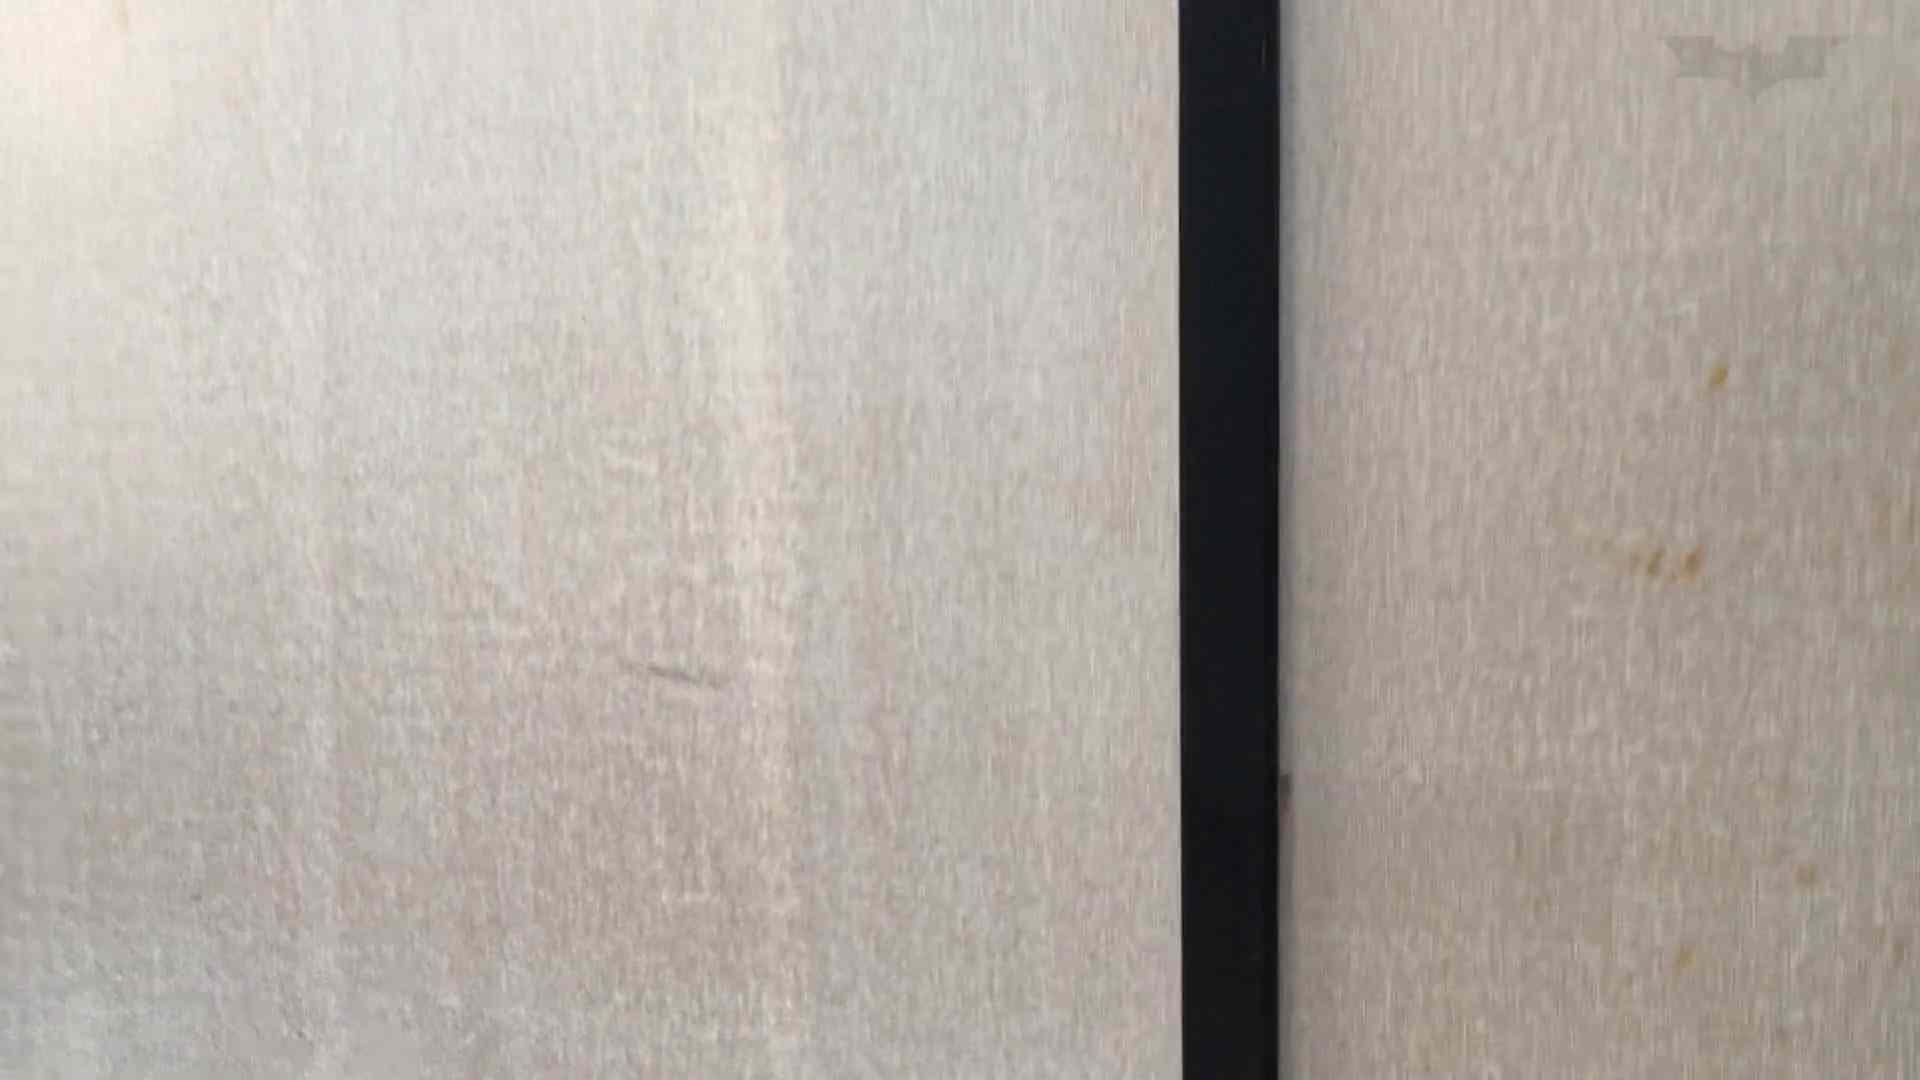 芸術大学ガチ潜入盗撮 JD盗撮 美女の洗面所の秘密 Vol.91 トイレ  72PIX 69